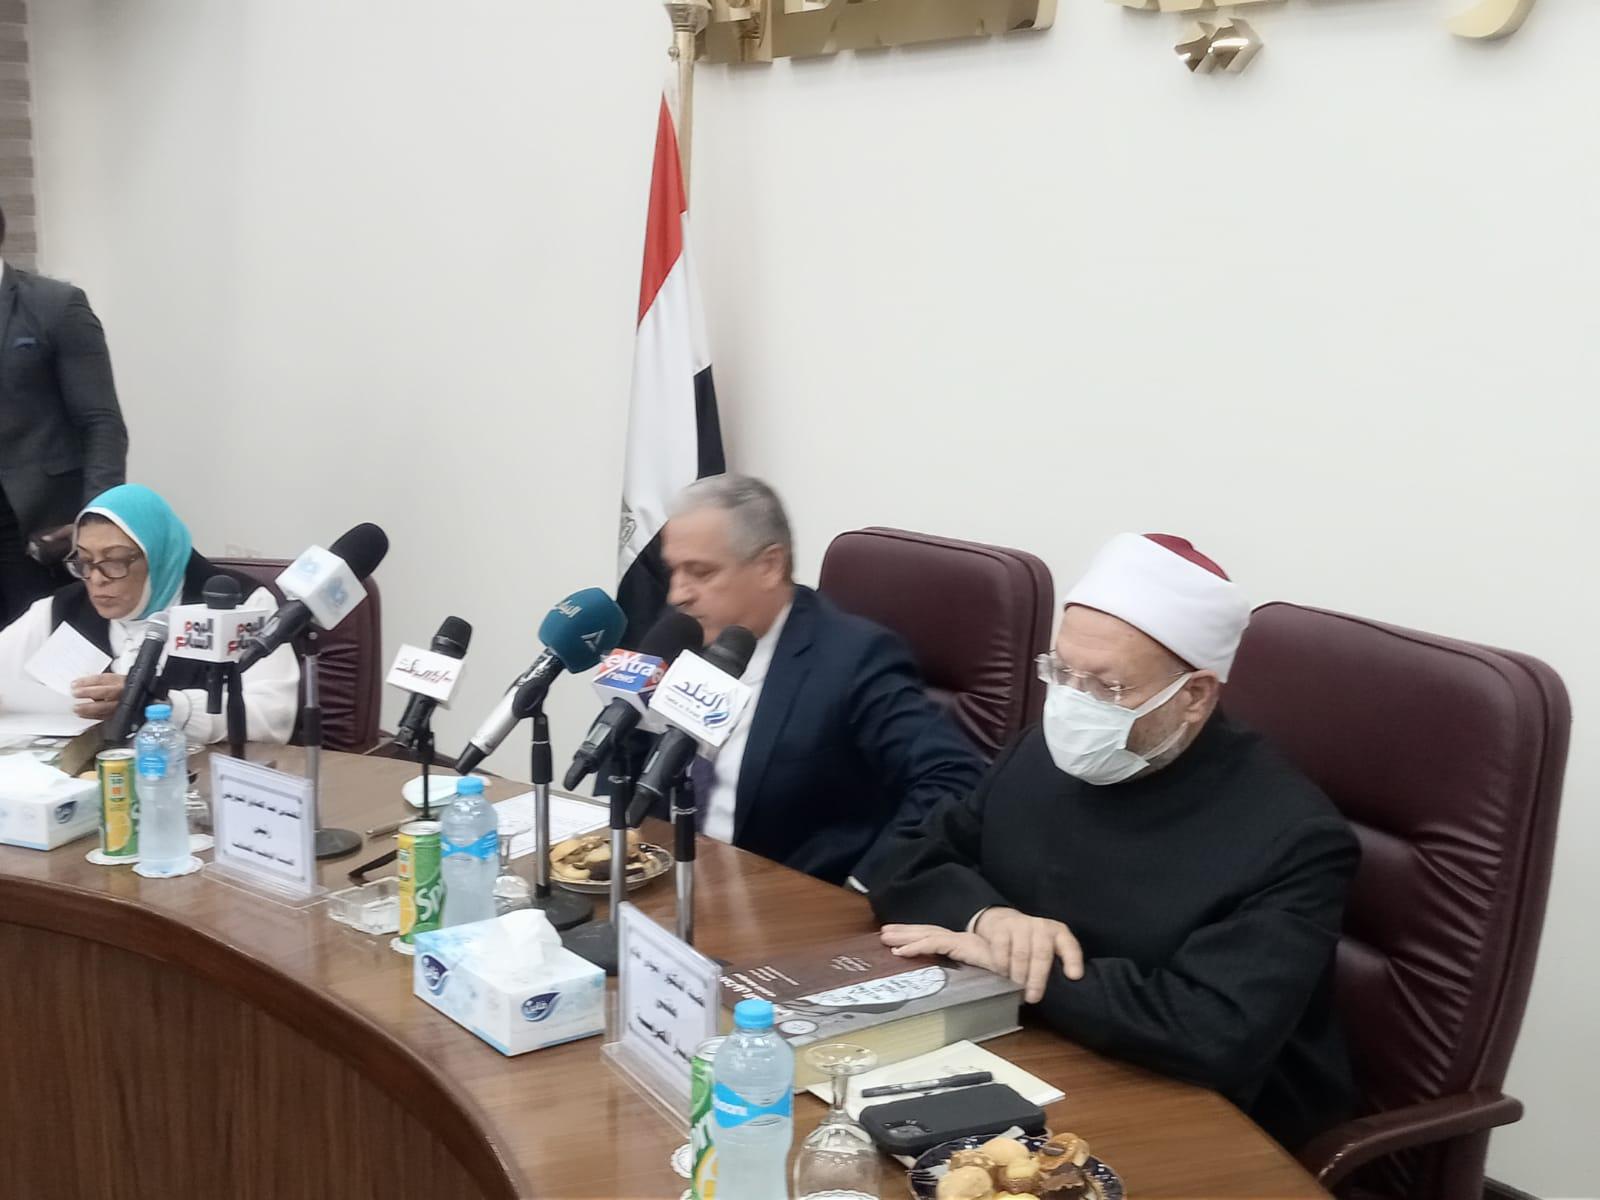 المفتي يشيد بتماسك المصريين  ويؤكد مصر عصية على كل من يريد هدم الأمن المجتمعي